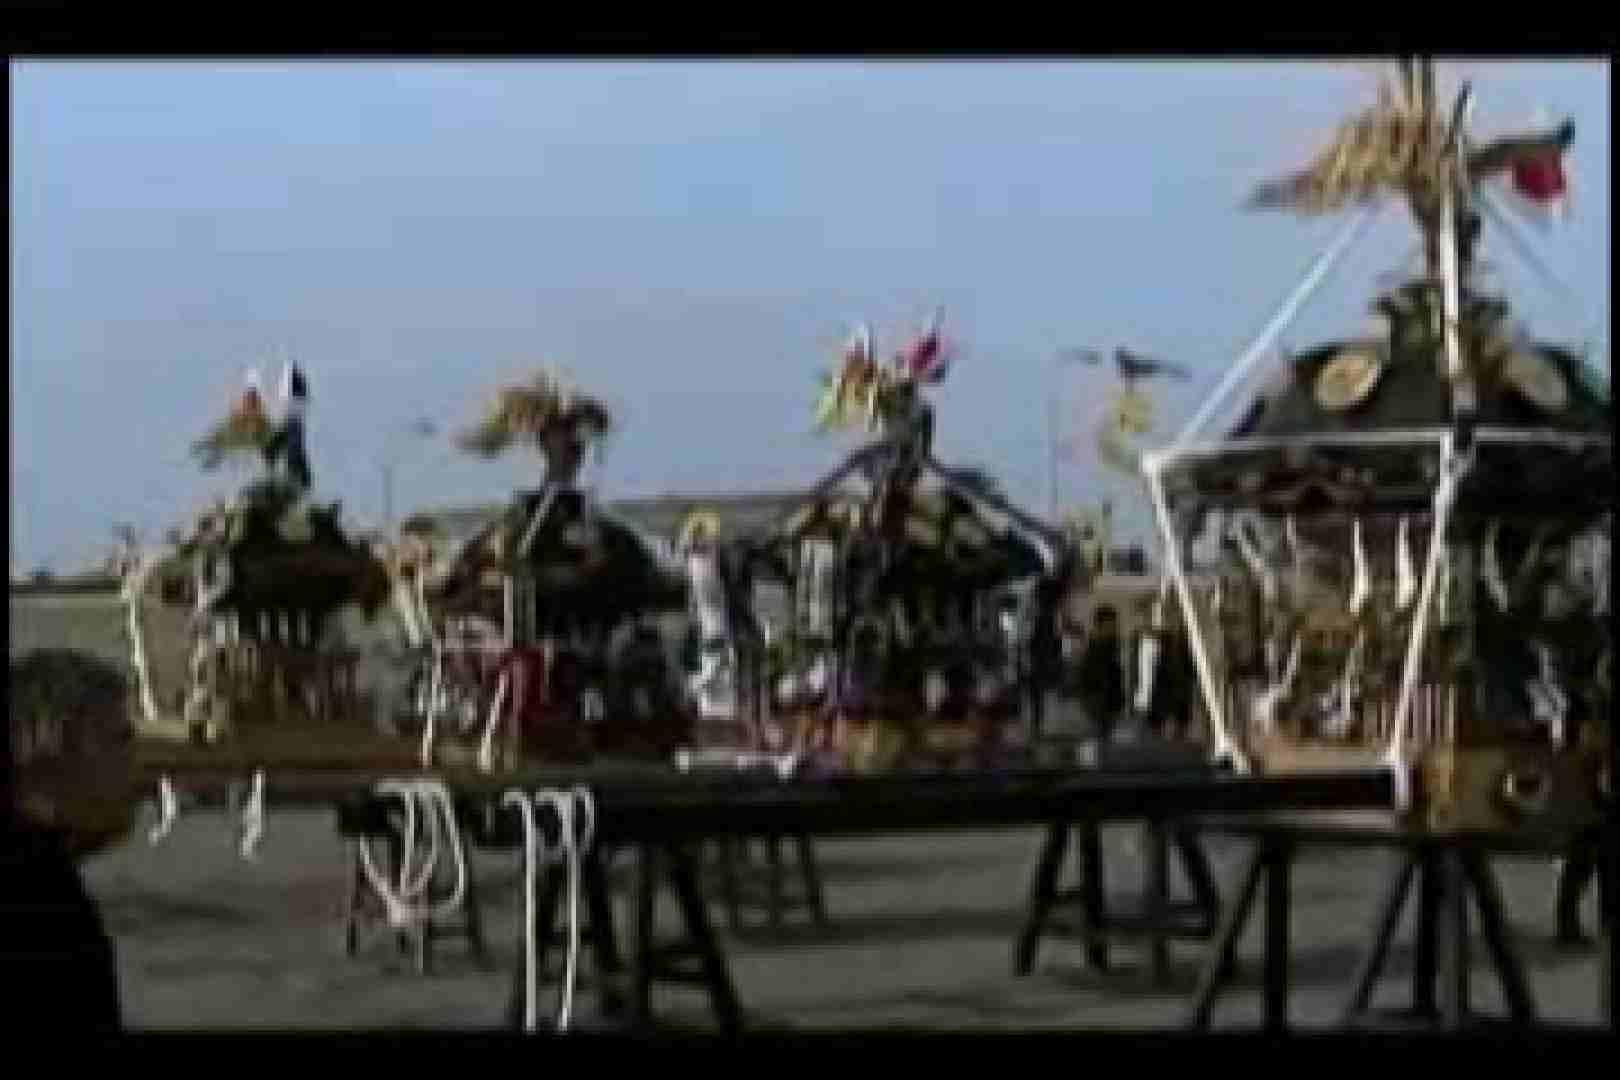 陰間茶屋 男児祭り VOL.1 野外露出セックス | 複数人プレイ ゲイ素人エロ画像 90枚 53